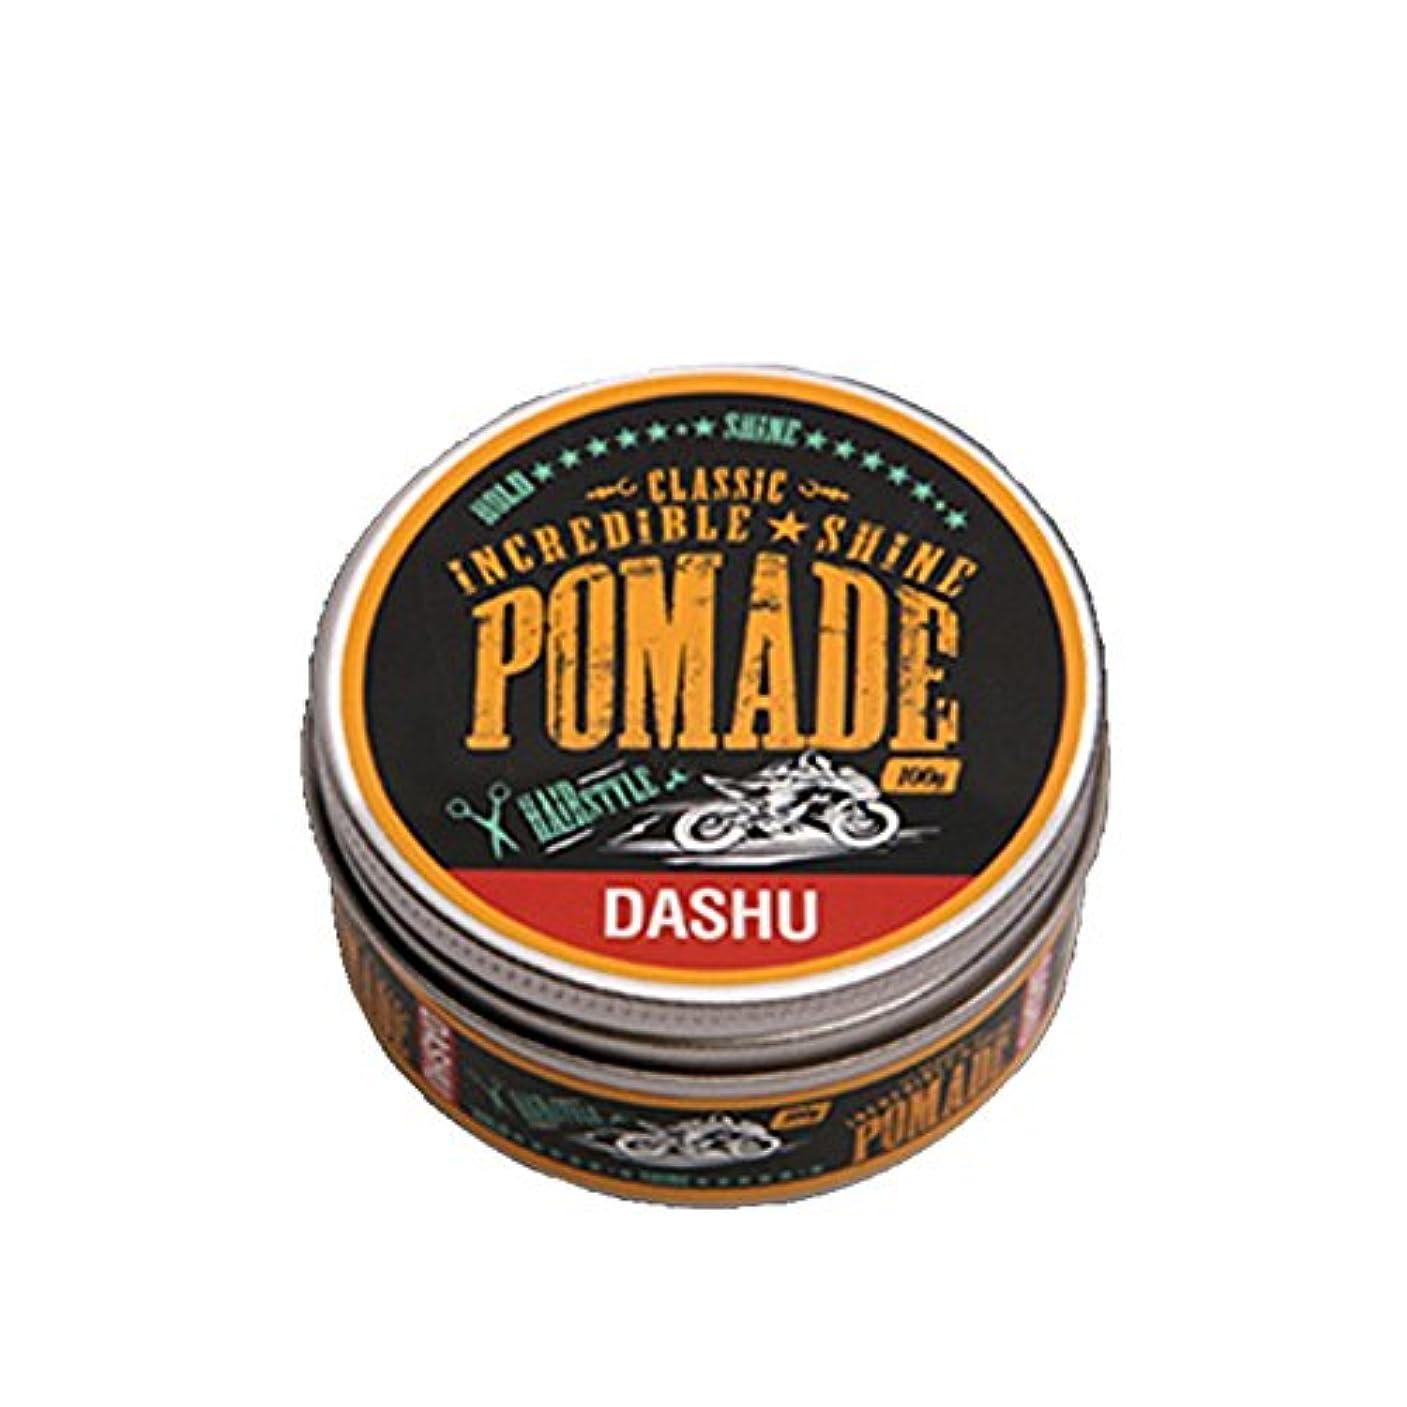 アレンジ歯命題[DASHU] ダシュ クラシック 信じられないほどの輝き ポマードワックス Classic Incredible Shine Pomade Hair Wax 100ml / 韓国製 . 韓国直送品